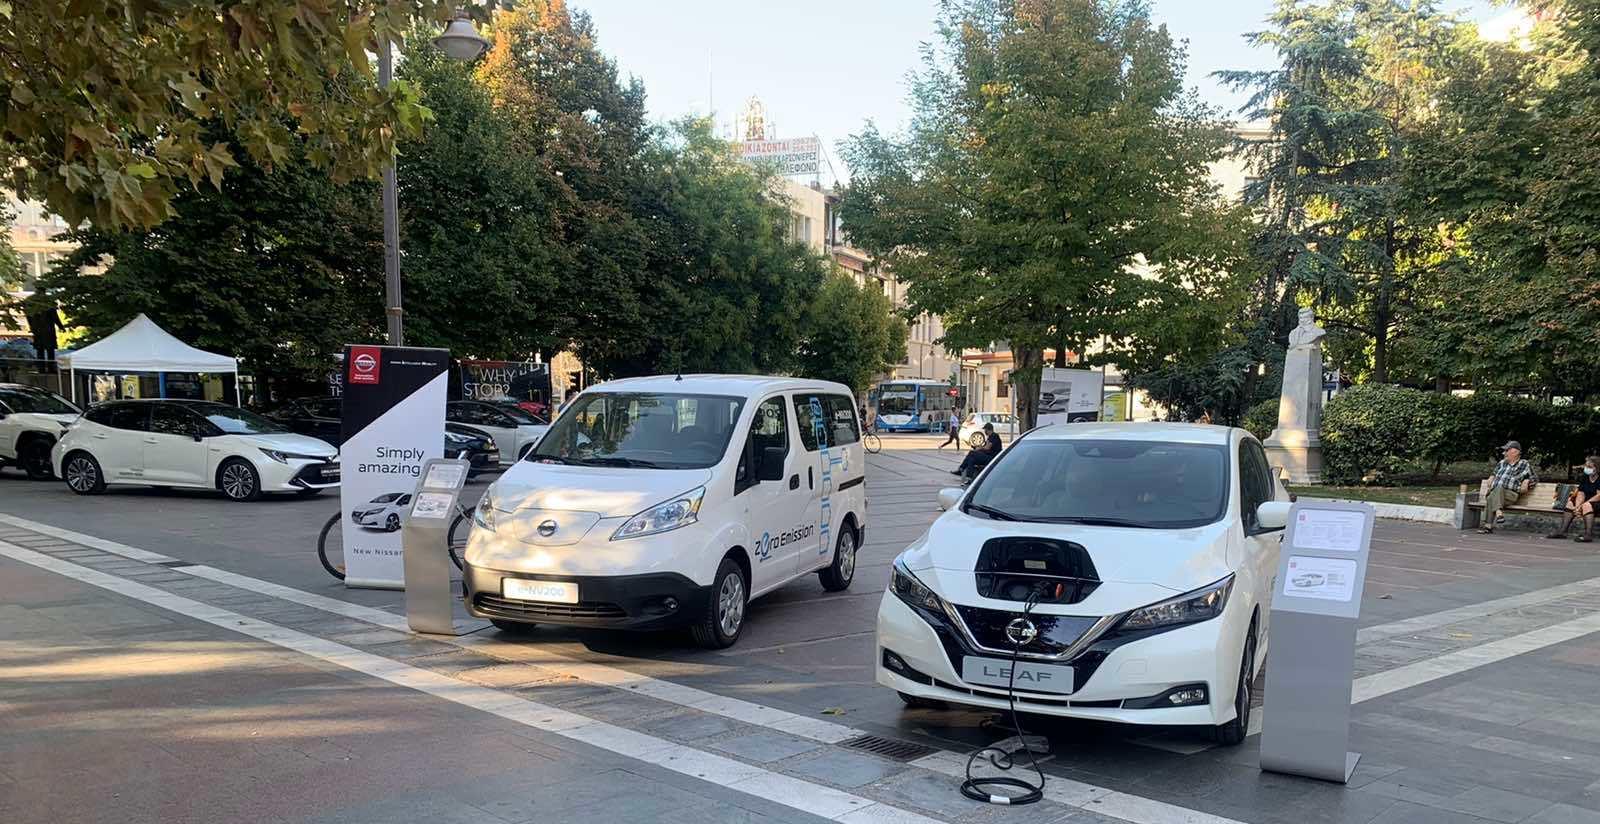 Τα Nissan LEAF & e-NV200, στην Ευρωπαϊκή Εβδομάδα Κινητικότητας της Λάρισας